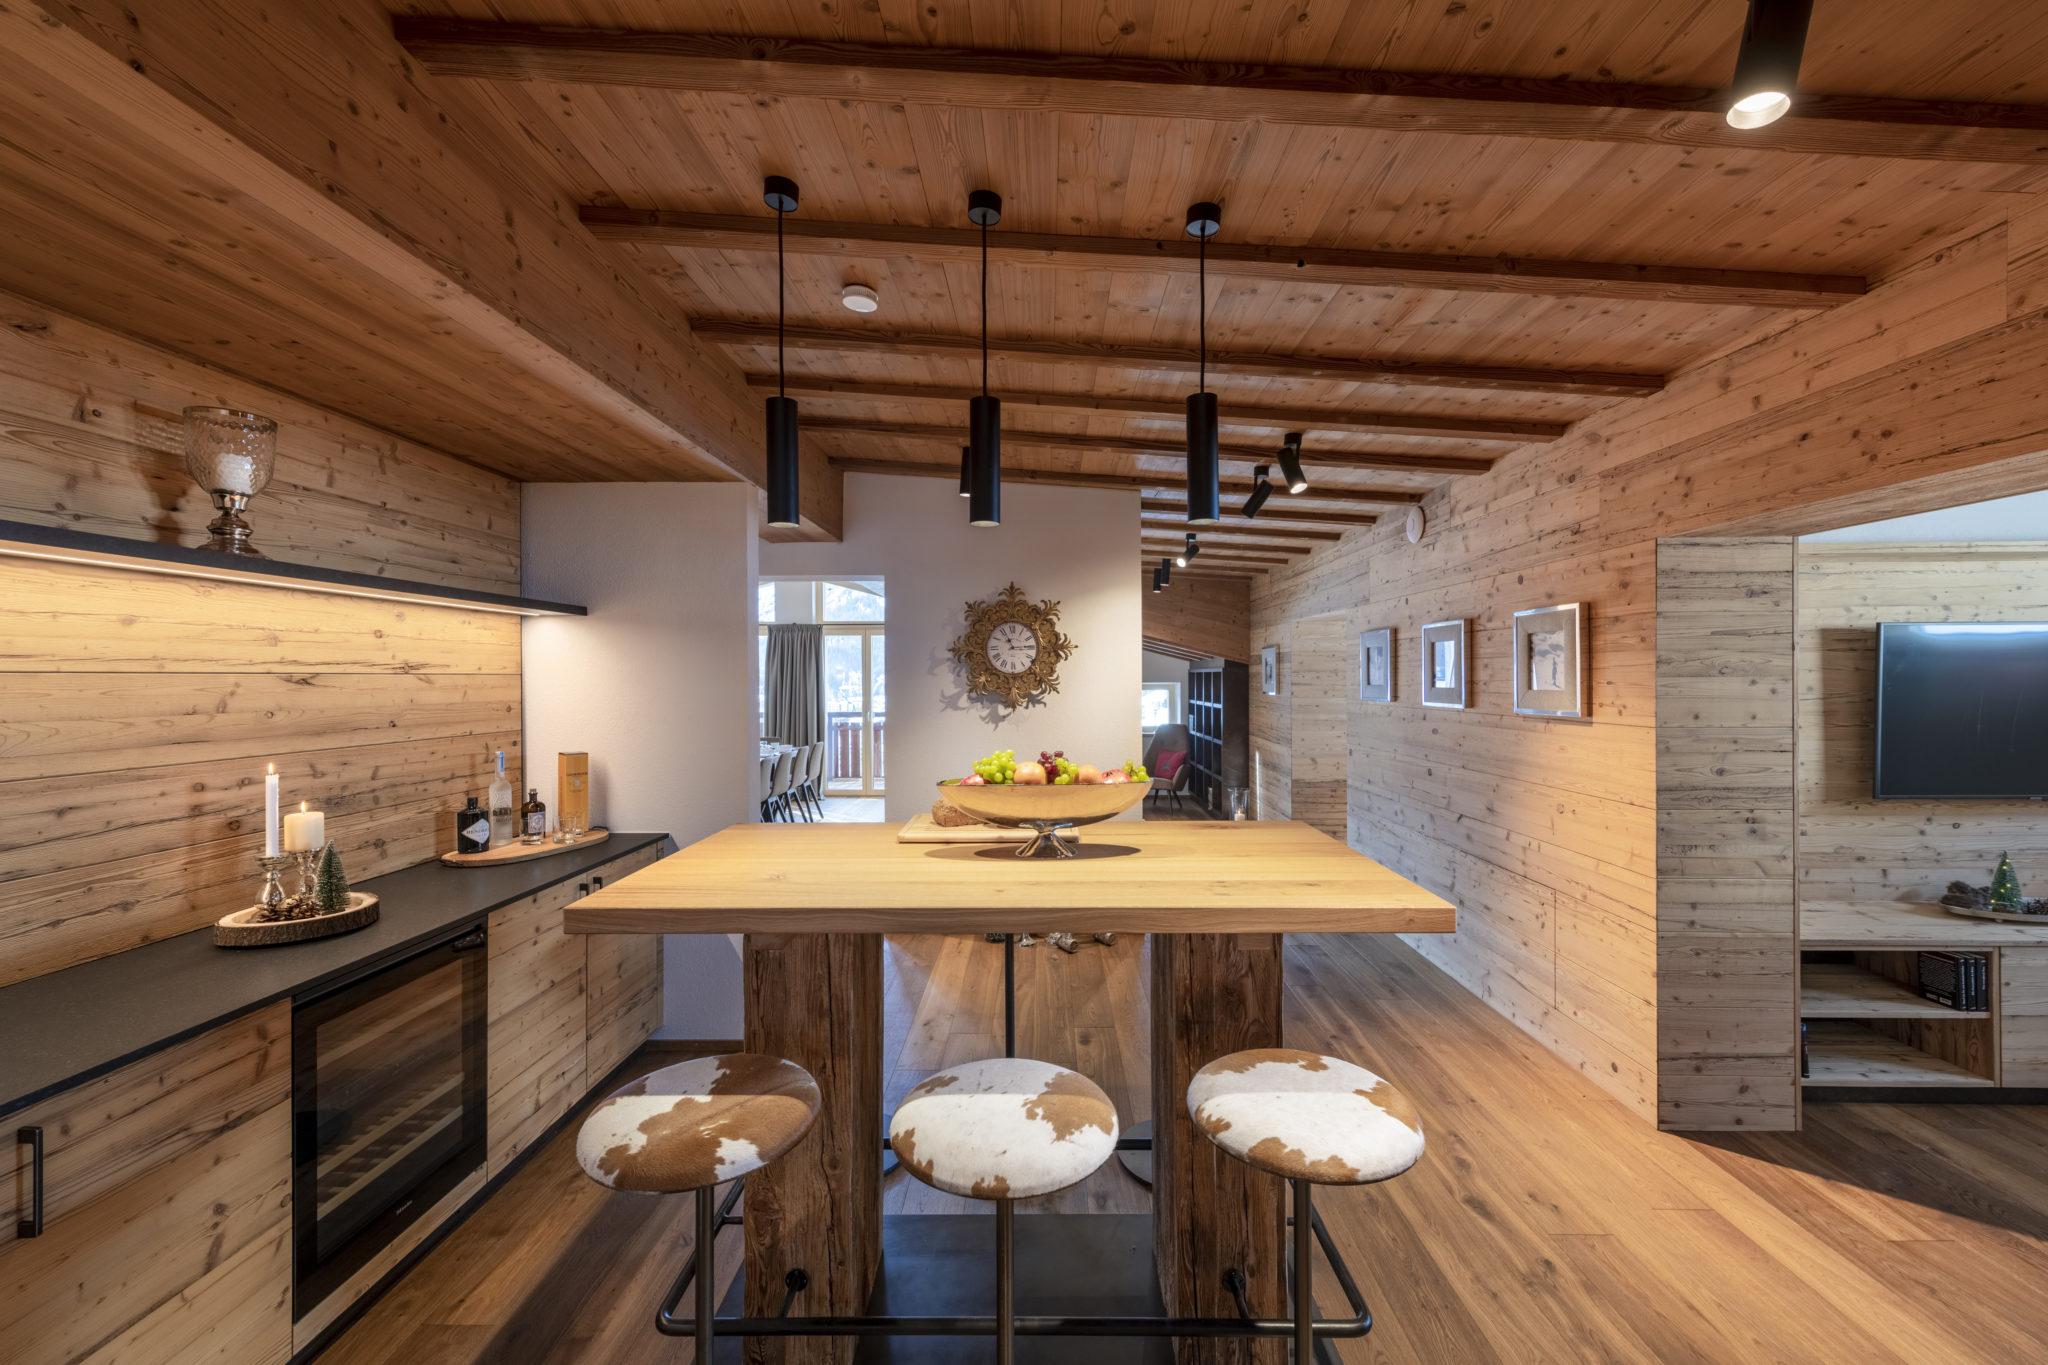 bhlhof-penthouse-11426-scaled